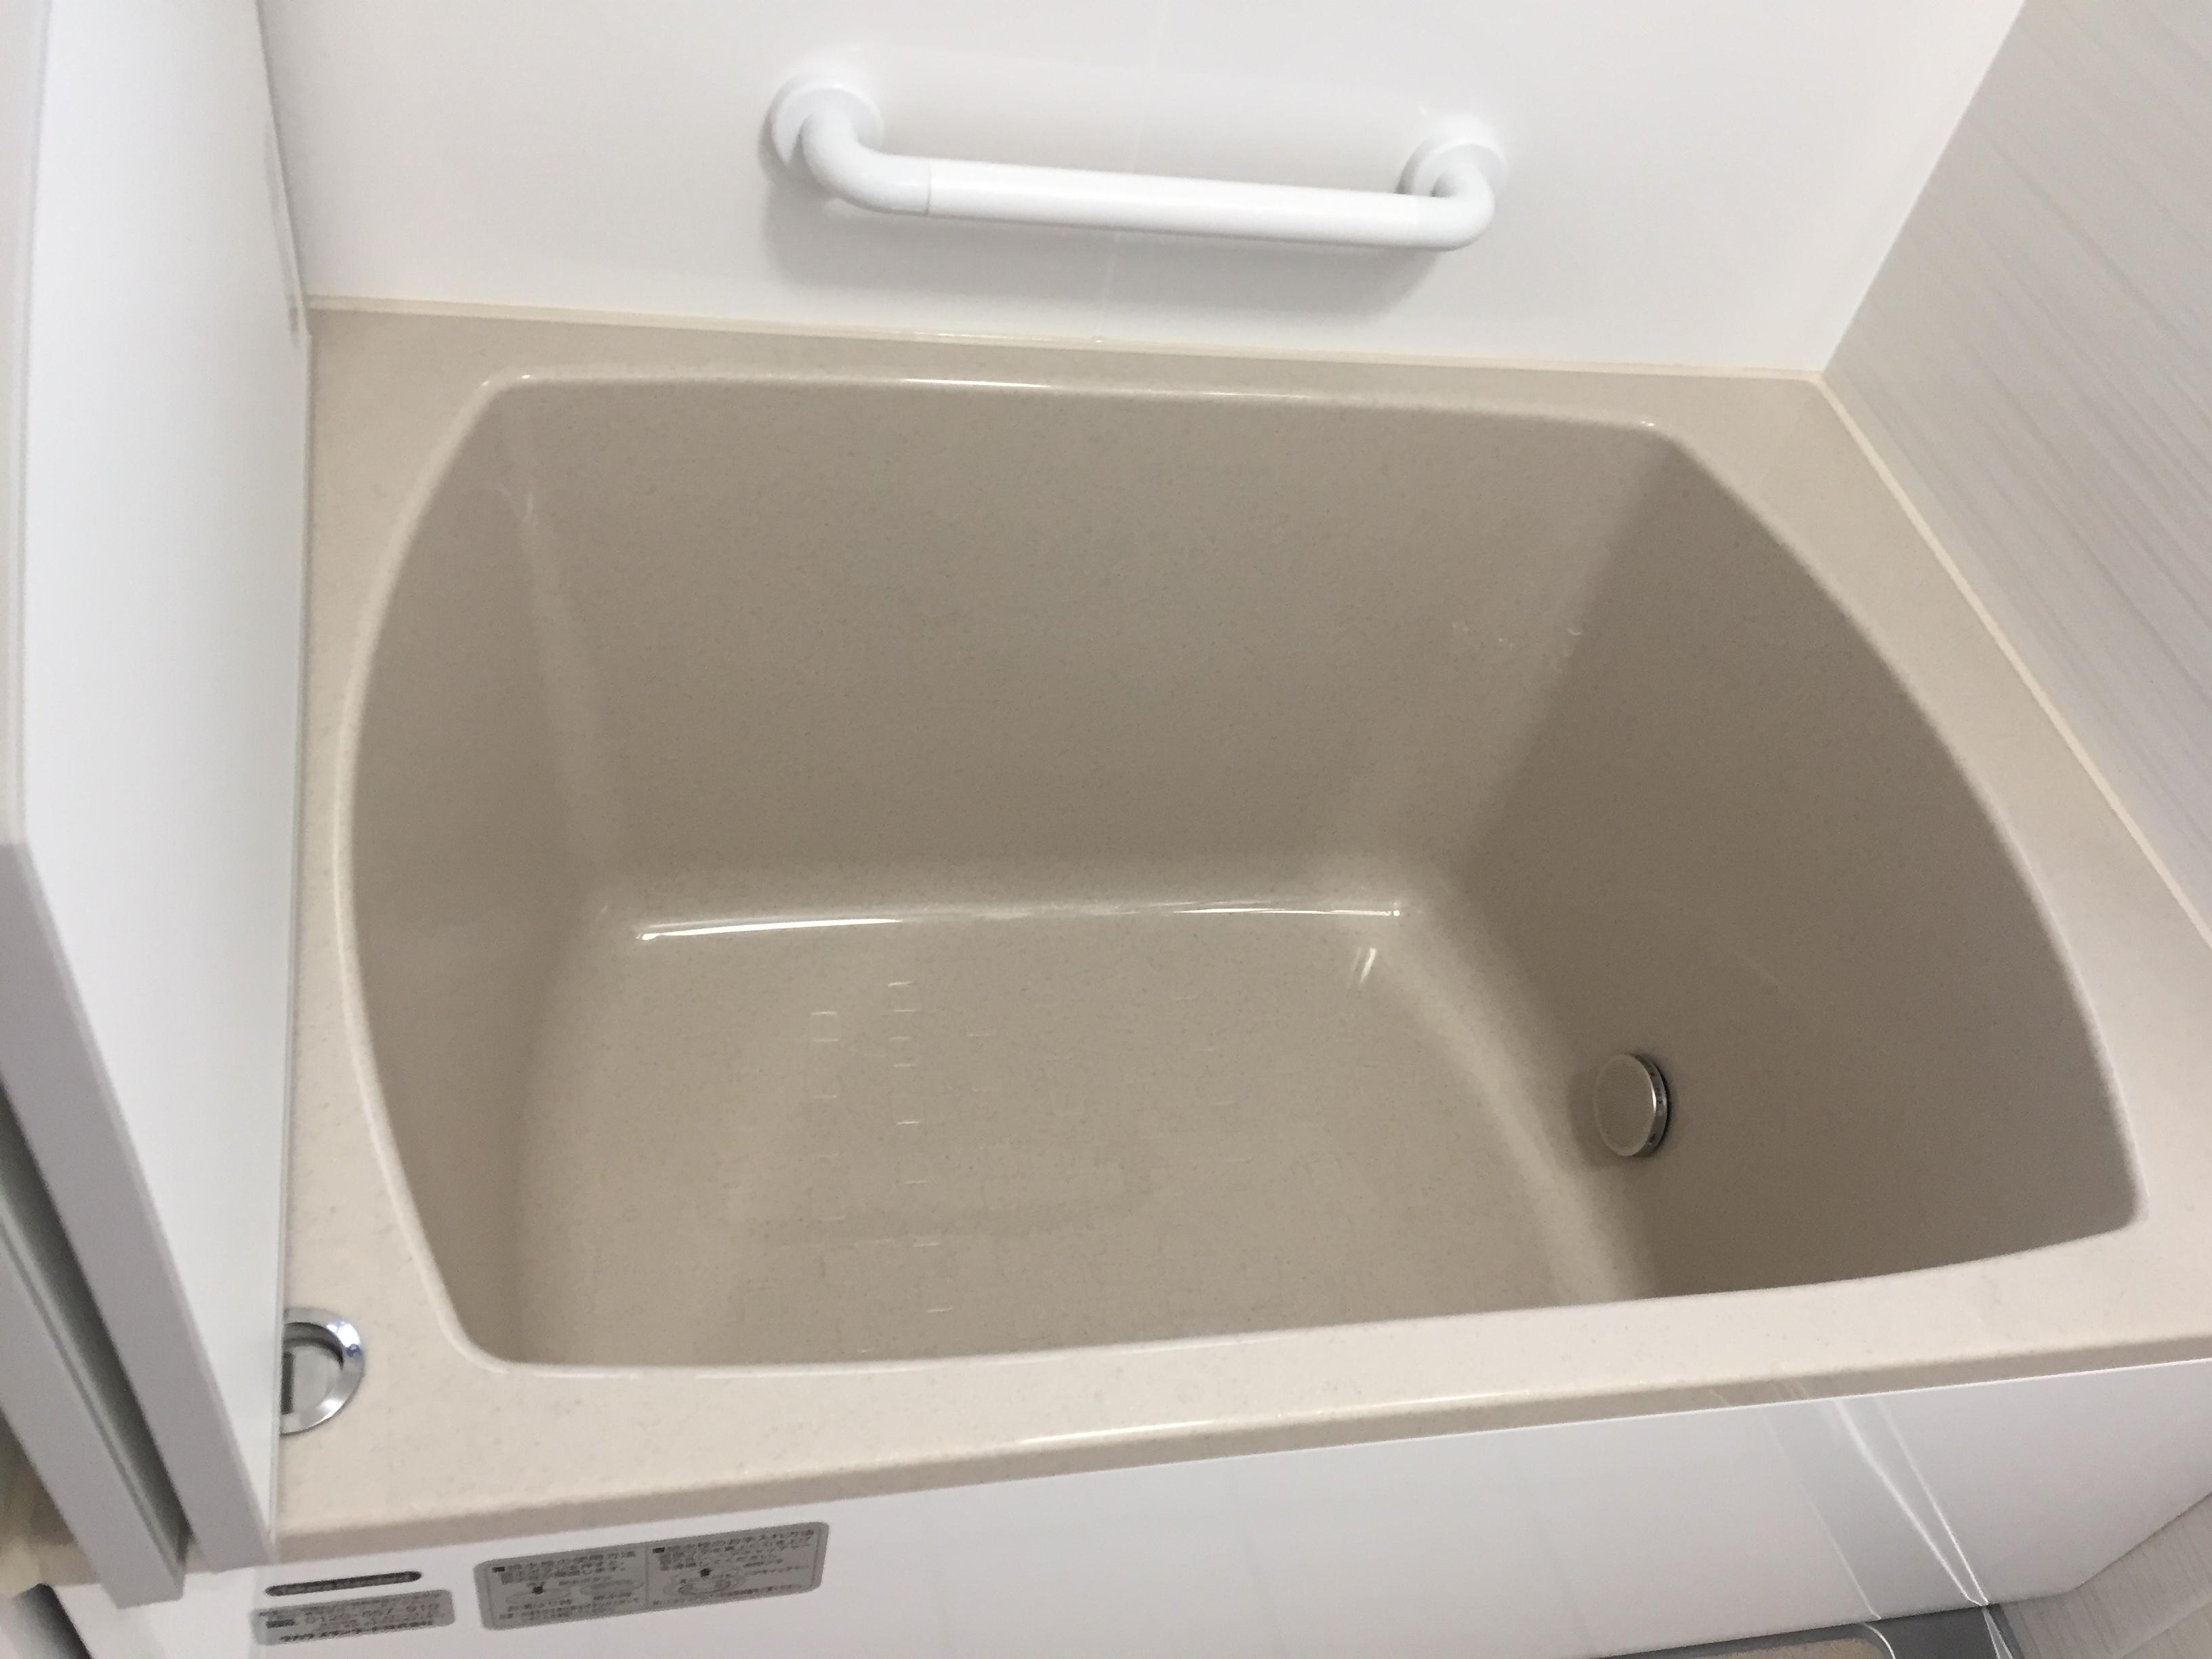 after<br> 浴槽は浅めでお体に負担の少ないものをチョイス<br> 手摺もつけ、安全にご入浴いただけるようになったと思います